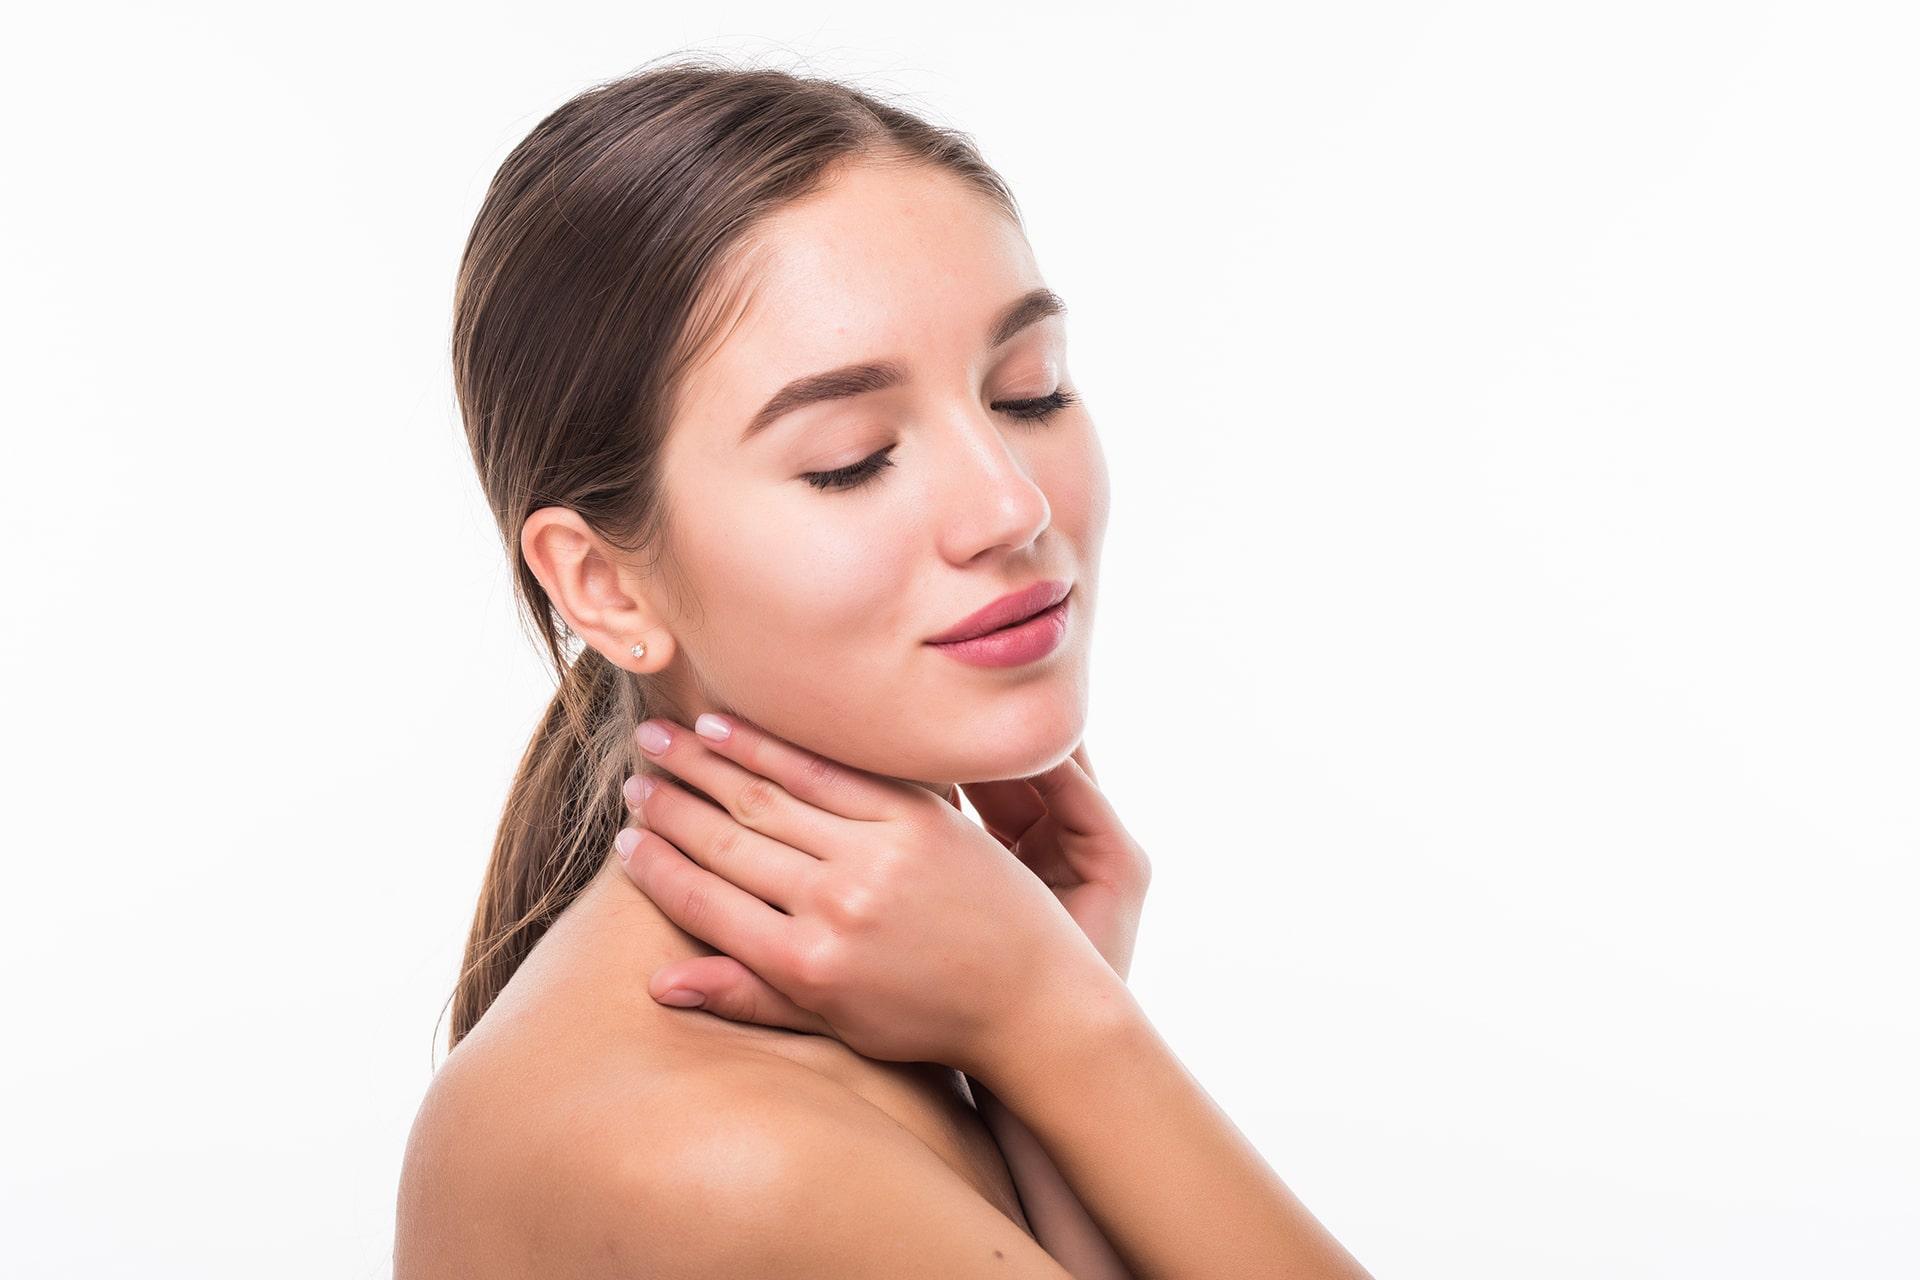 El poder de la exfoliación química: un remedio antienvejecimiento para la piel II